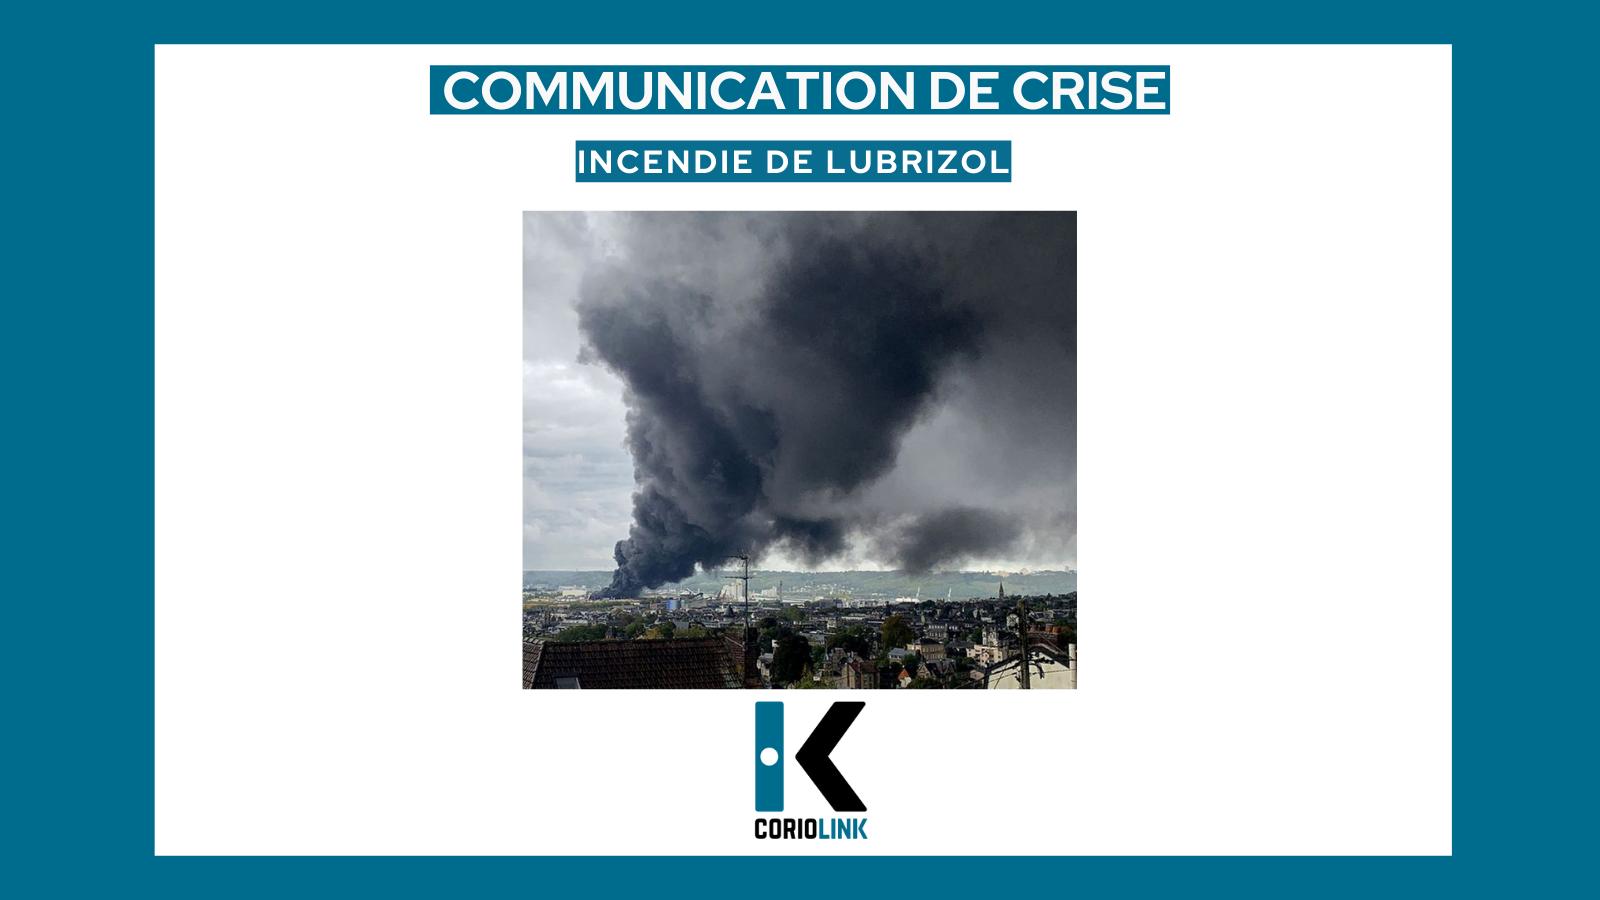 communication de crise - lubrizol